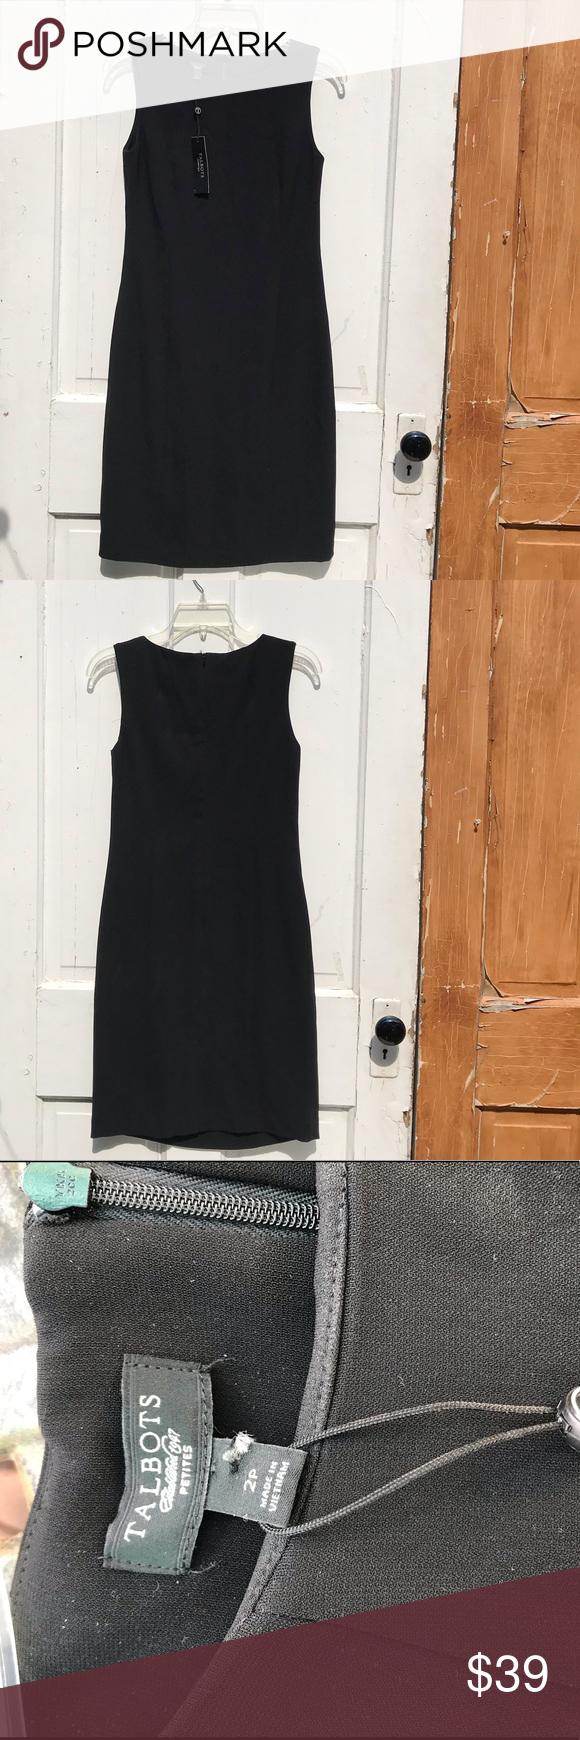 Talbots Black Dress Size 2 Petite Black Dress Talbots Dress Talbots [ 1740 x 580 Pixel ]